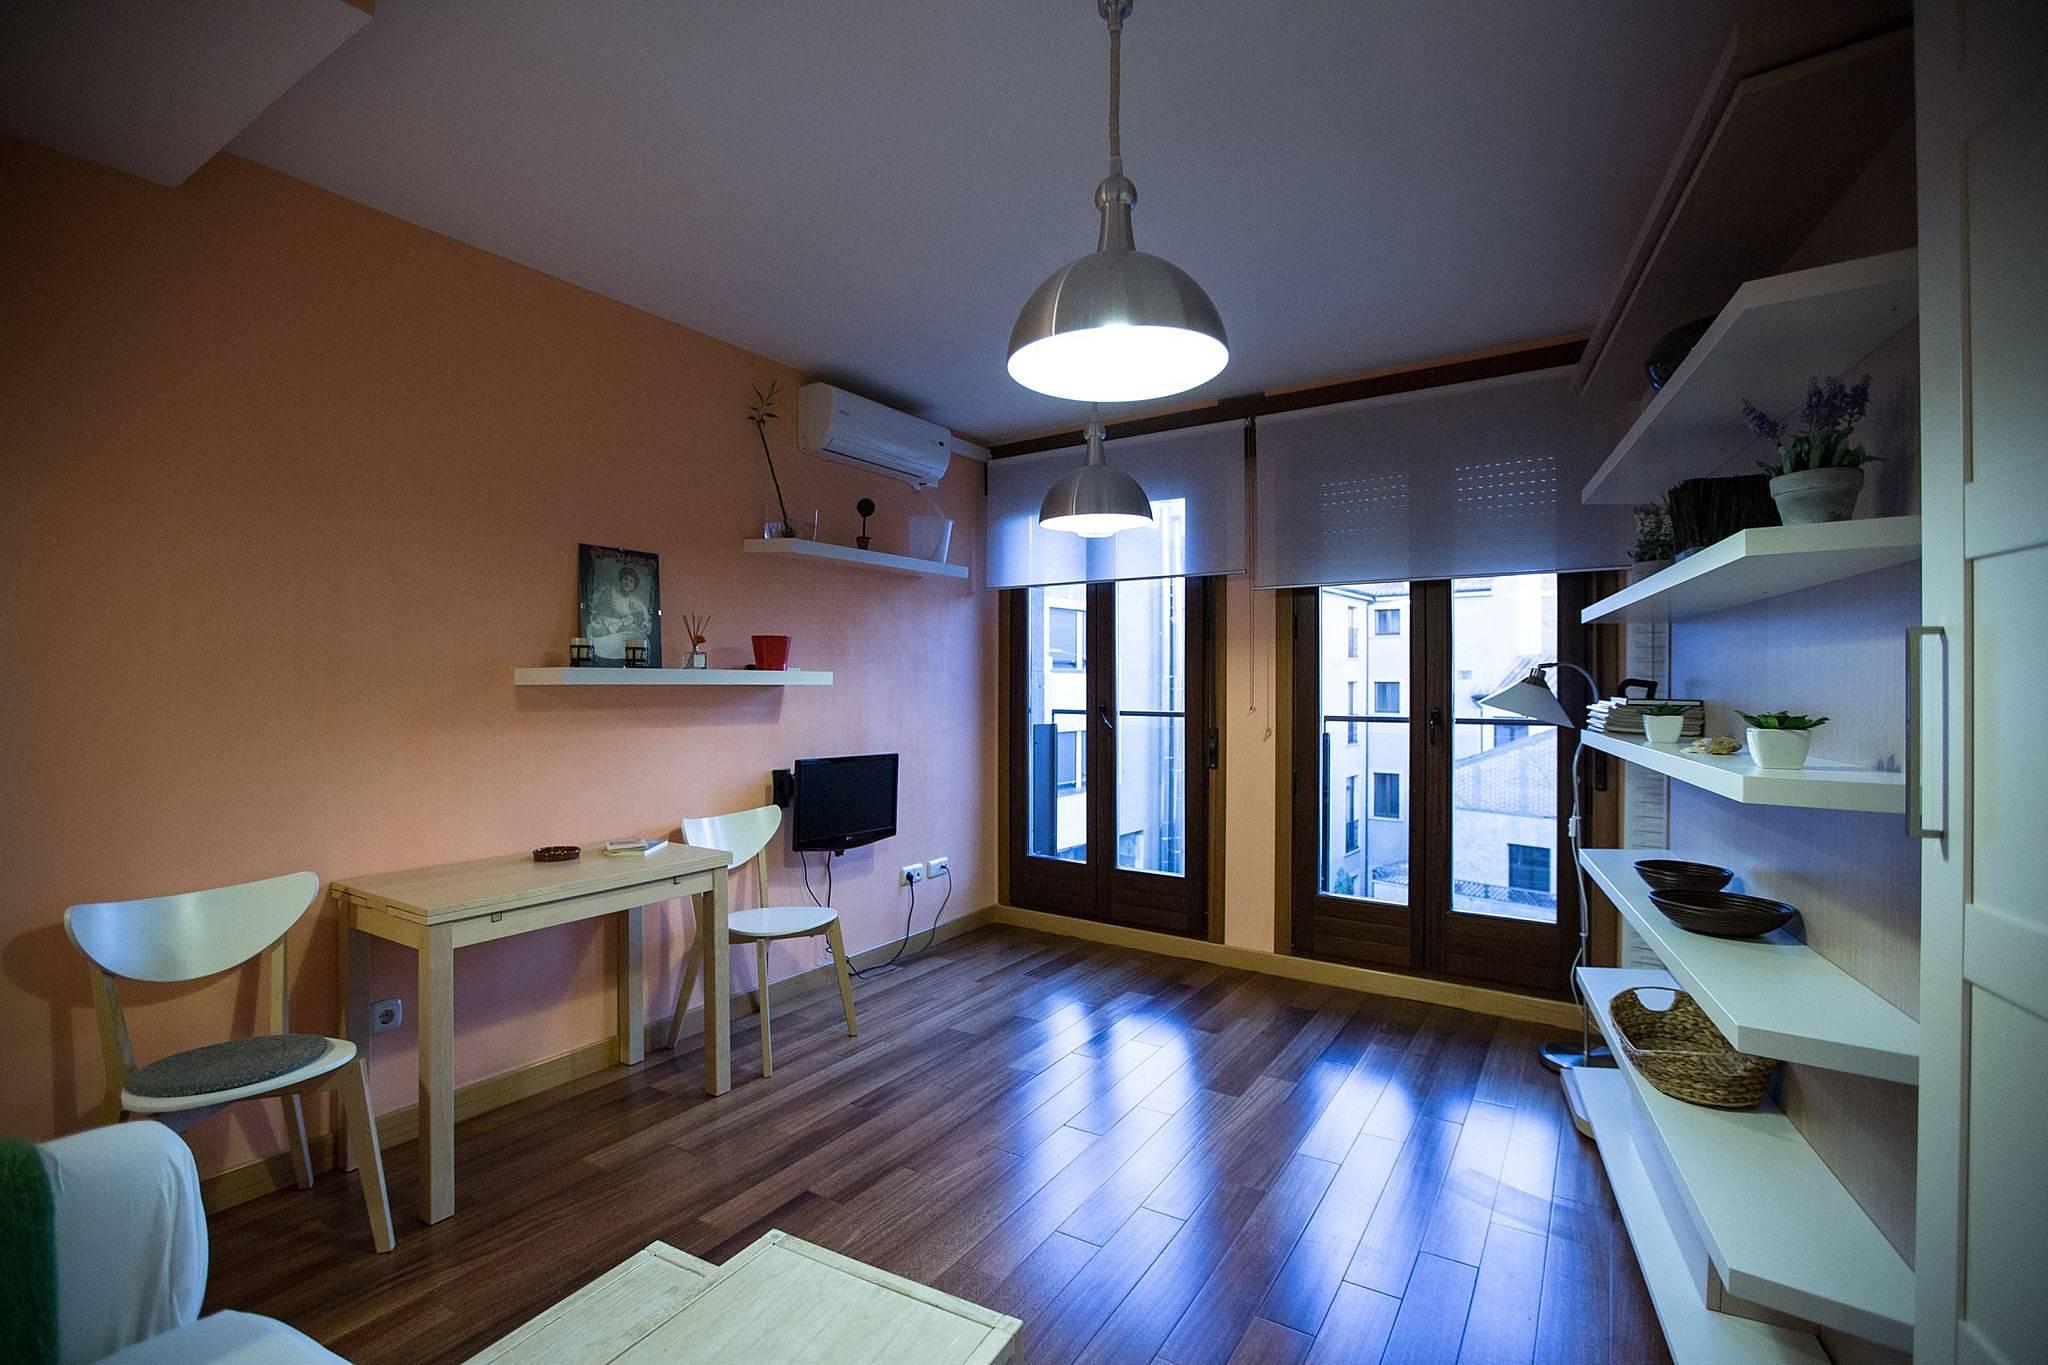 Apartamento en alquiler en galicia salamanca salamanca ruta v a de la plata - Alquiler de apartamentos en galicia ...